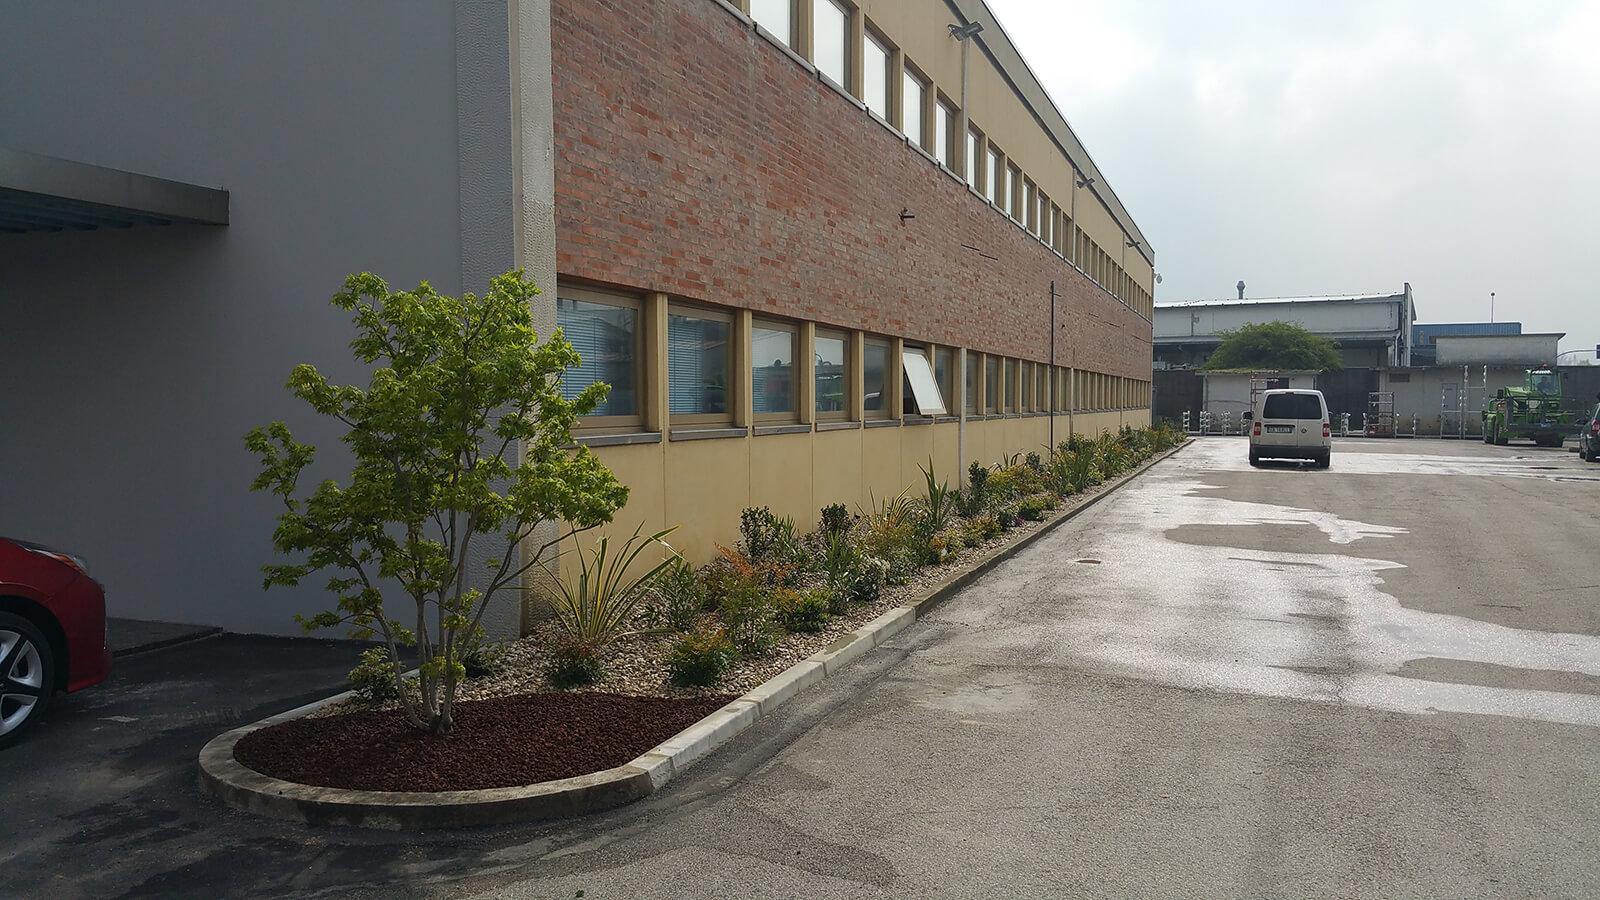 manutenzione ordinaria e straordinaria verde blu giardini 3